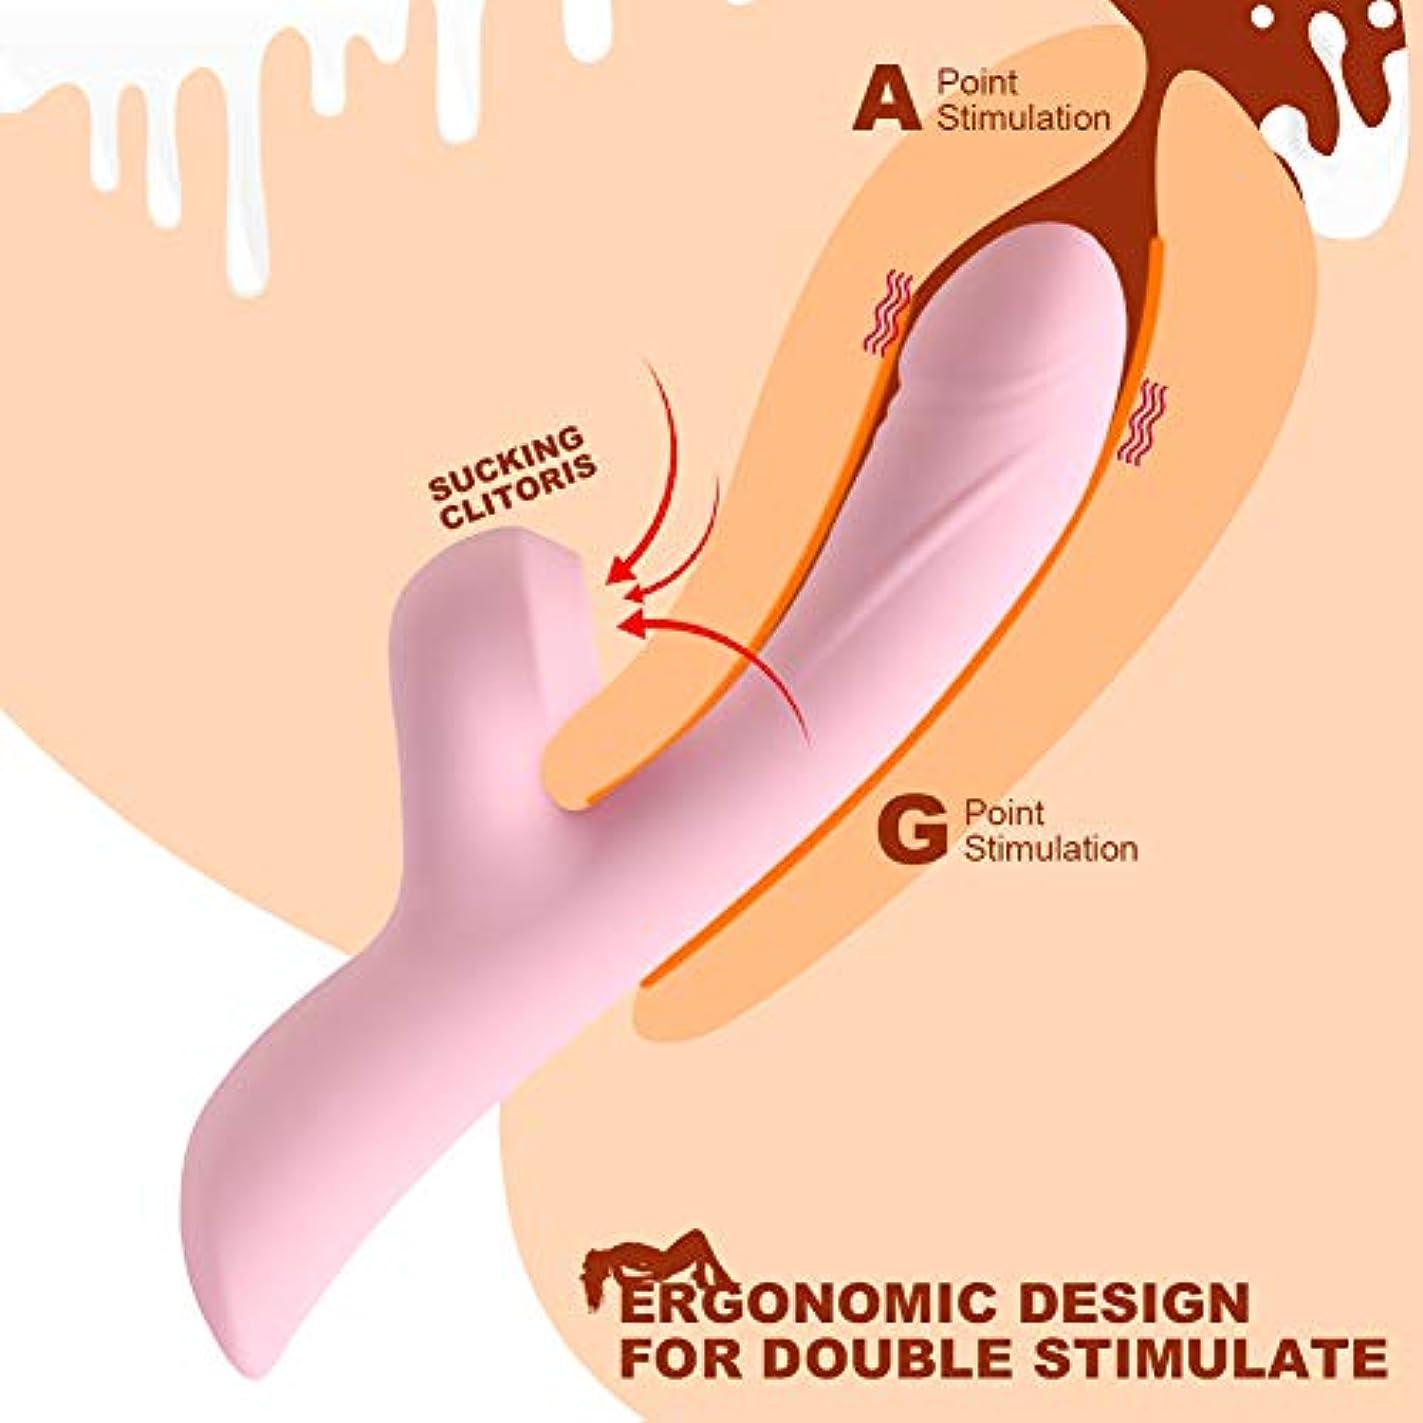 代表団ナース留まる足 マッサージ グッズ マッサージ 家電 女性用多機能マッサージスティック充電式防水 強力な 筋肉痛のためのマッサージスティック体をリラックスさせ、疲労を和らげます (ピンク色)